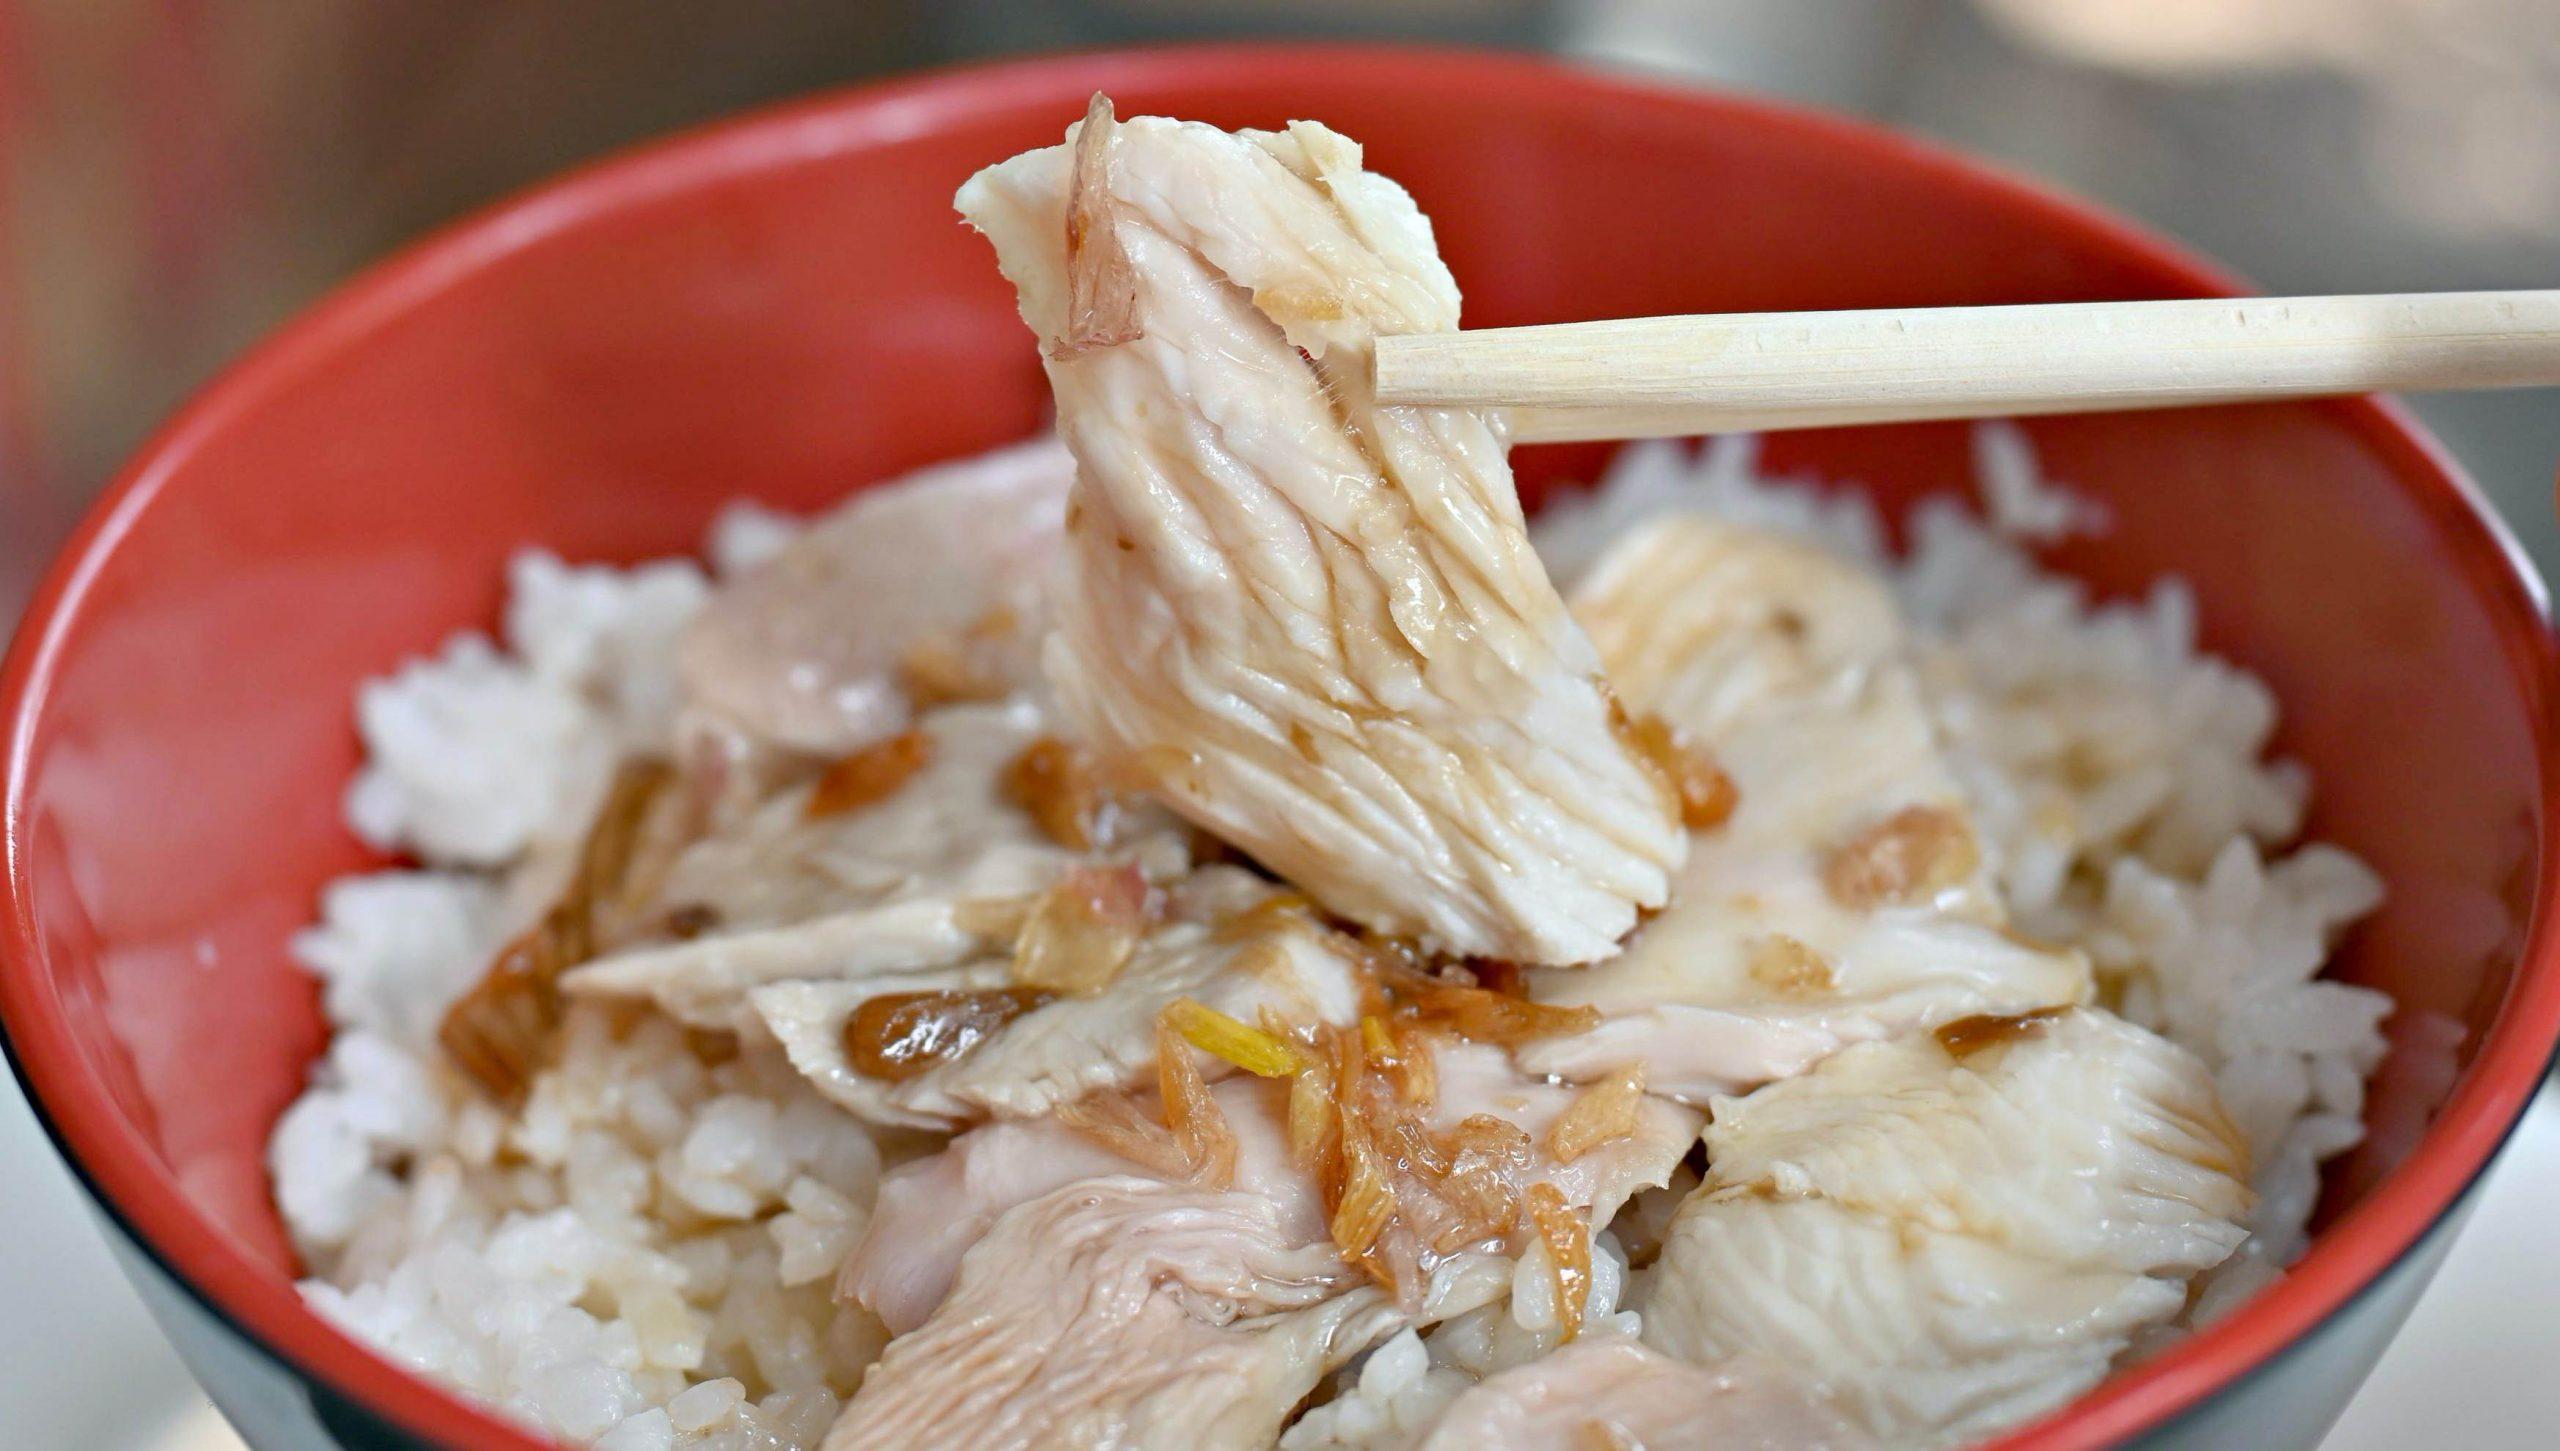 即時熱門文章:【嘉義火雞肉飯推薦】莊家火雞肉飯,橫空出世的嘉義雞肉飯(菜單)